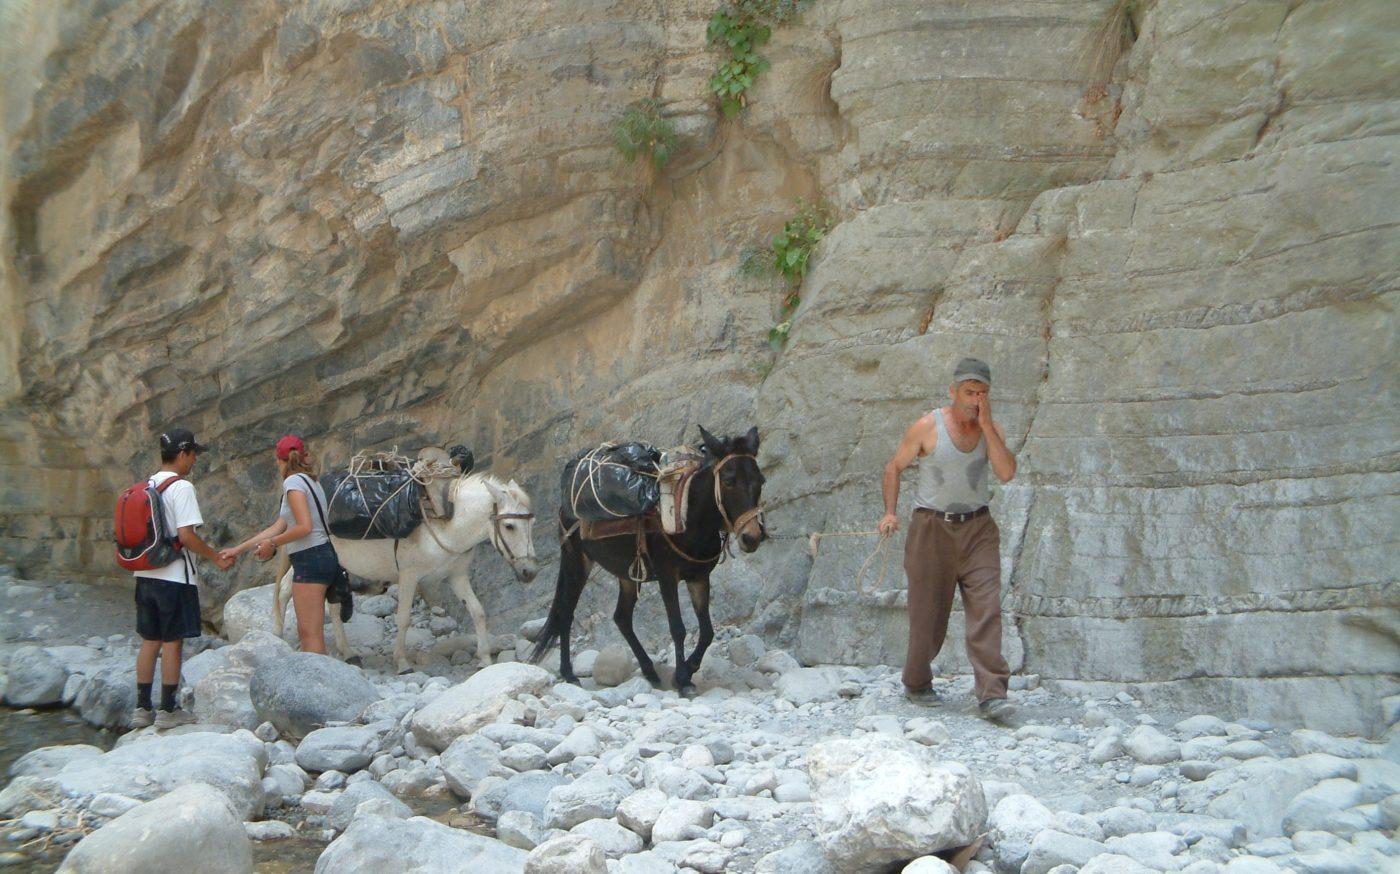 Crete's Samaria Gorge - Crete facts